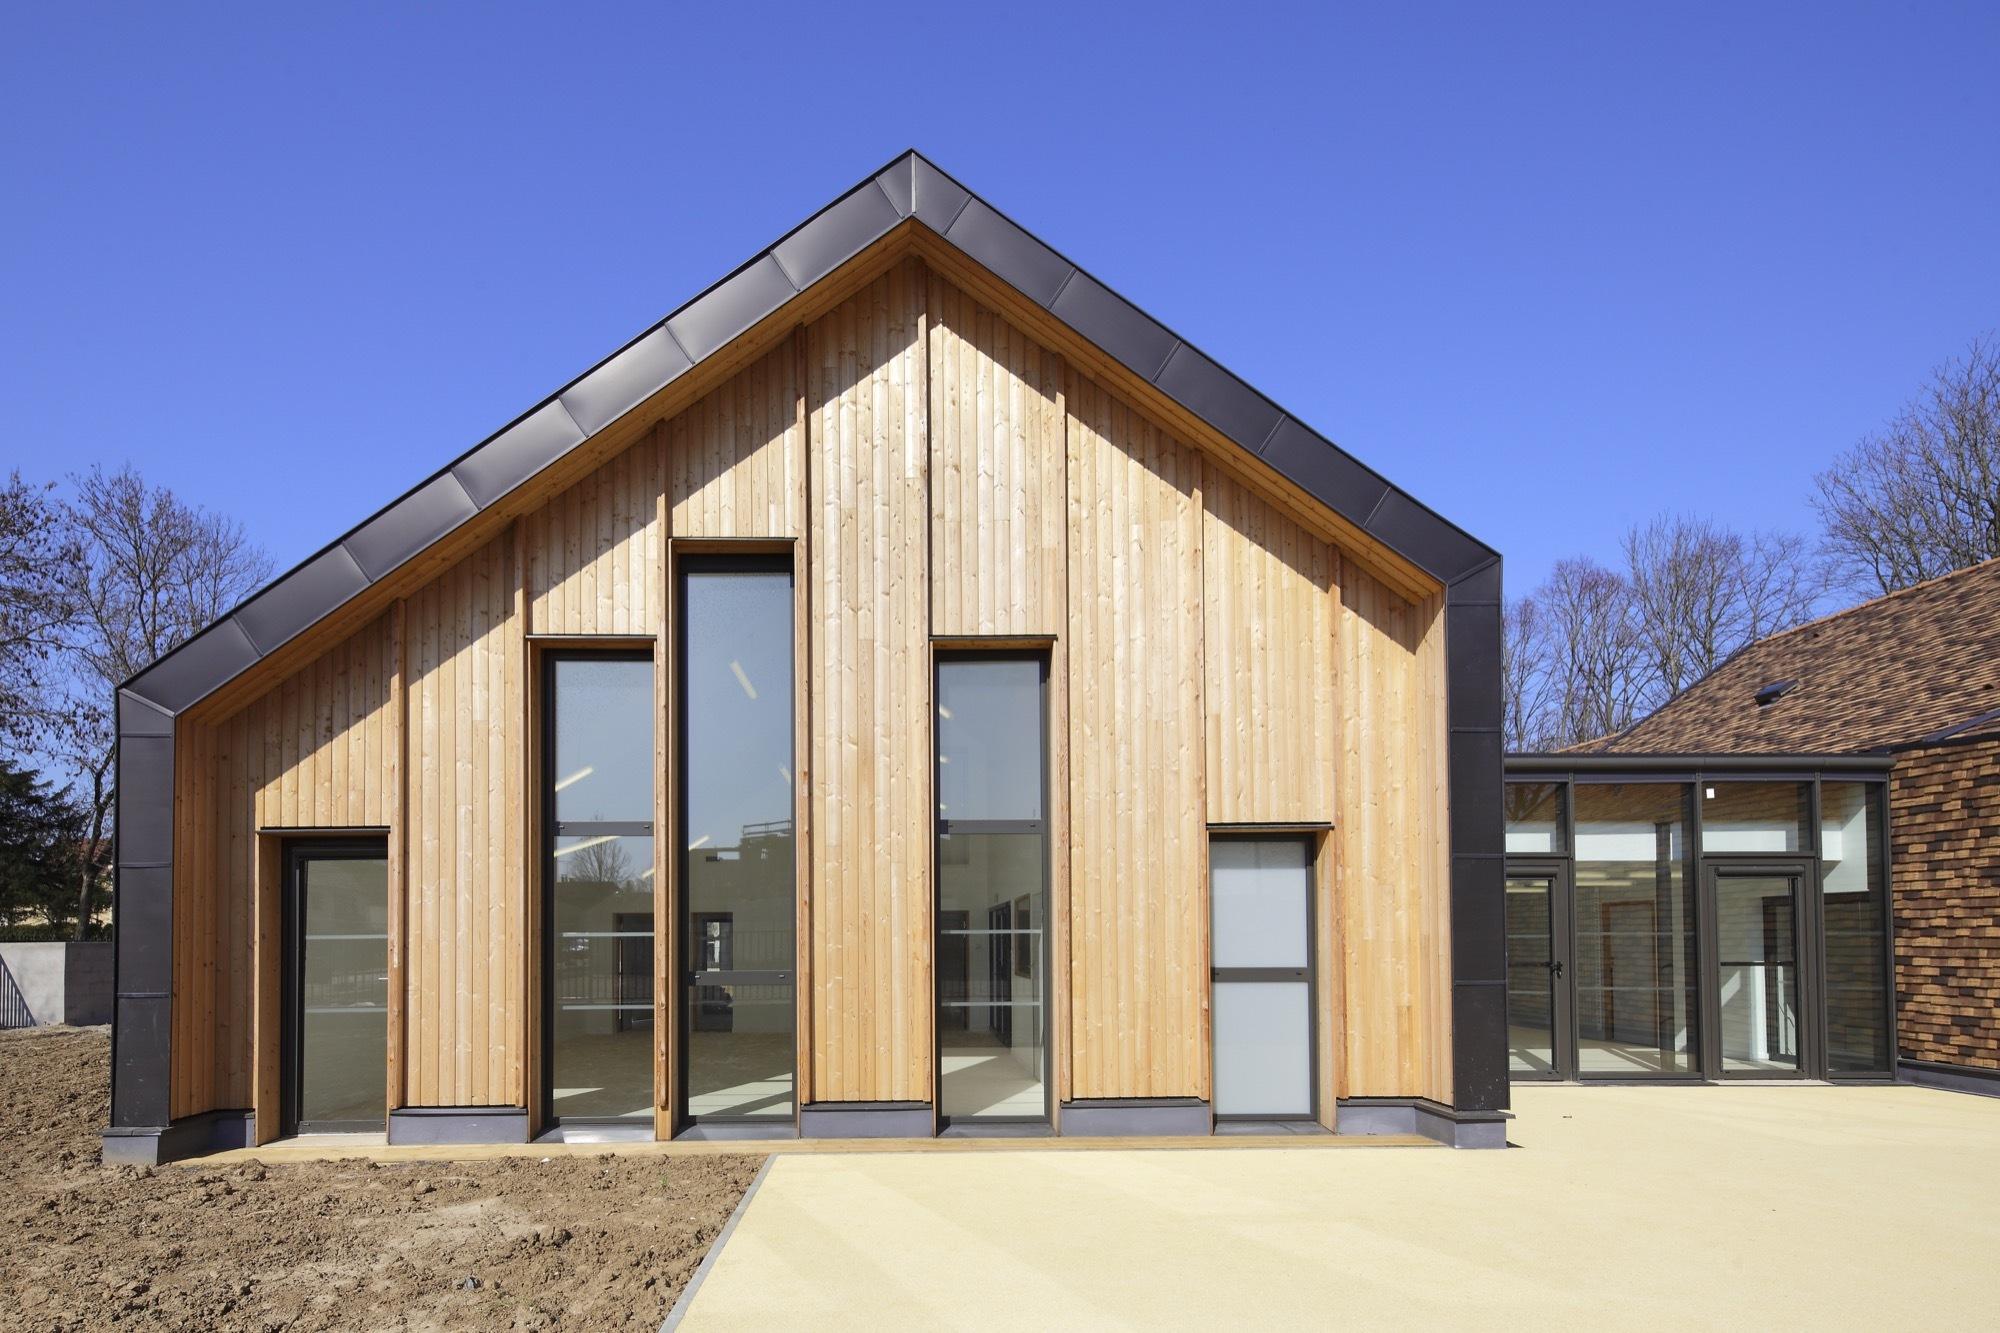 Maison de l enfance nomade architectes architecture for Architecture des maison